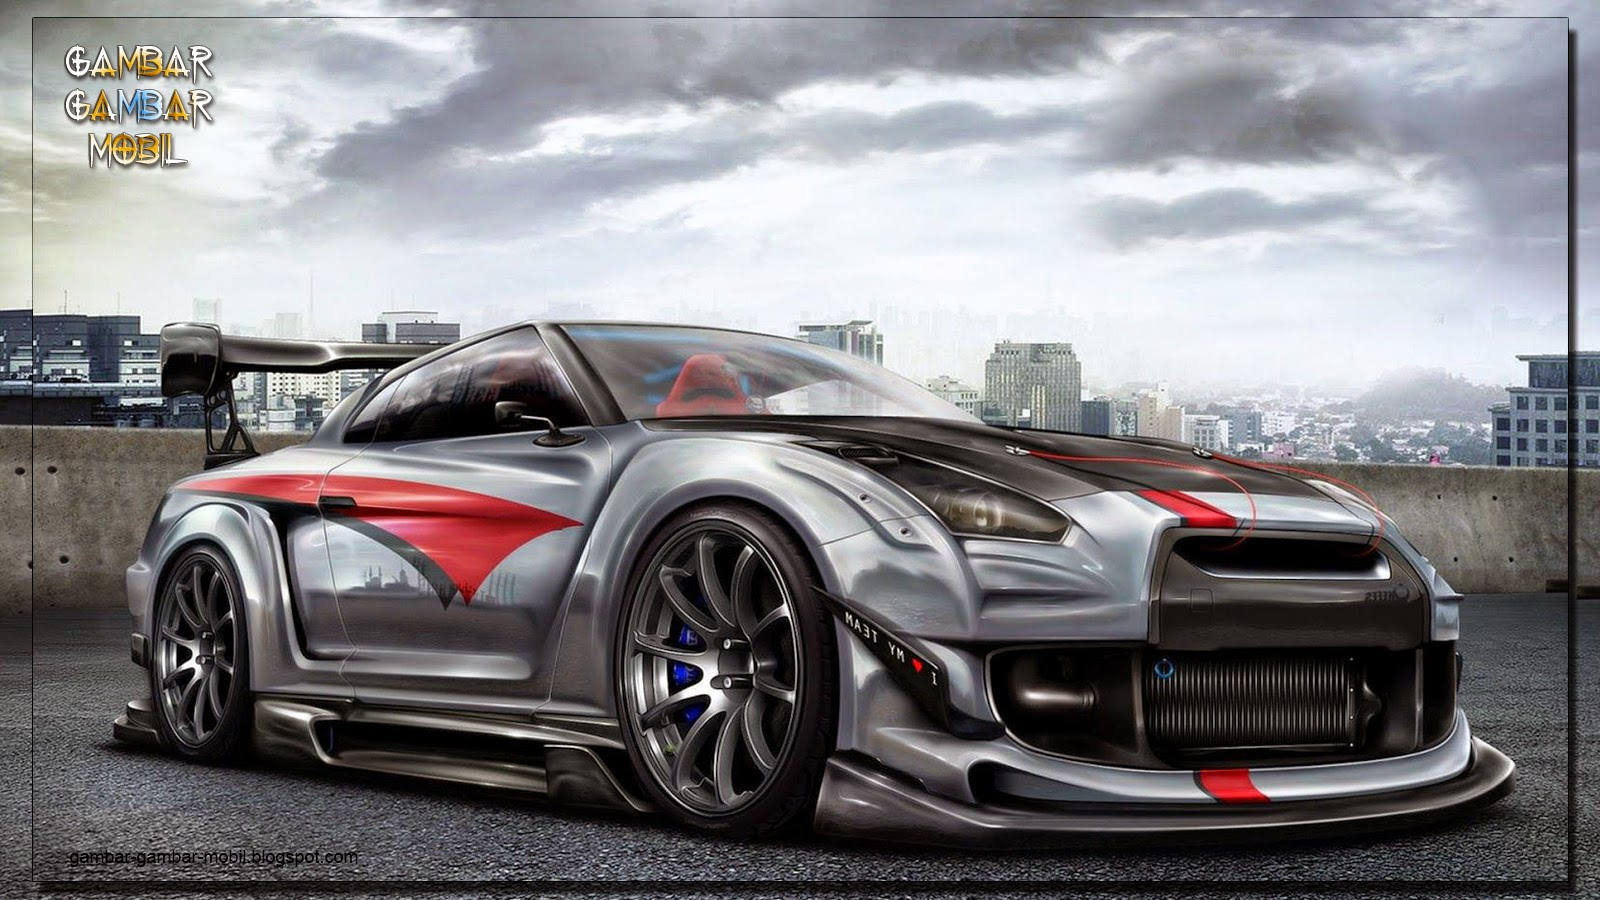 Gambar mobil sport modifikasi  Gambar Gambar Mobil